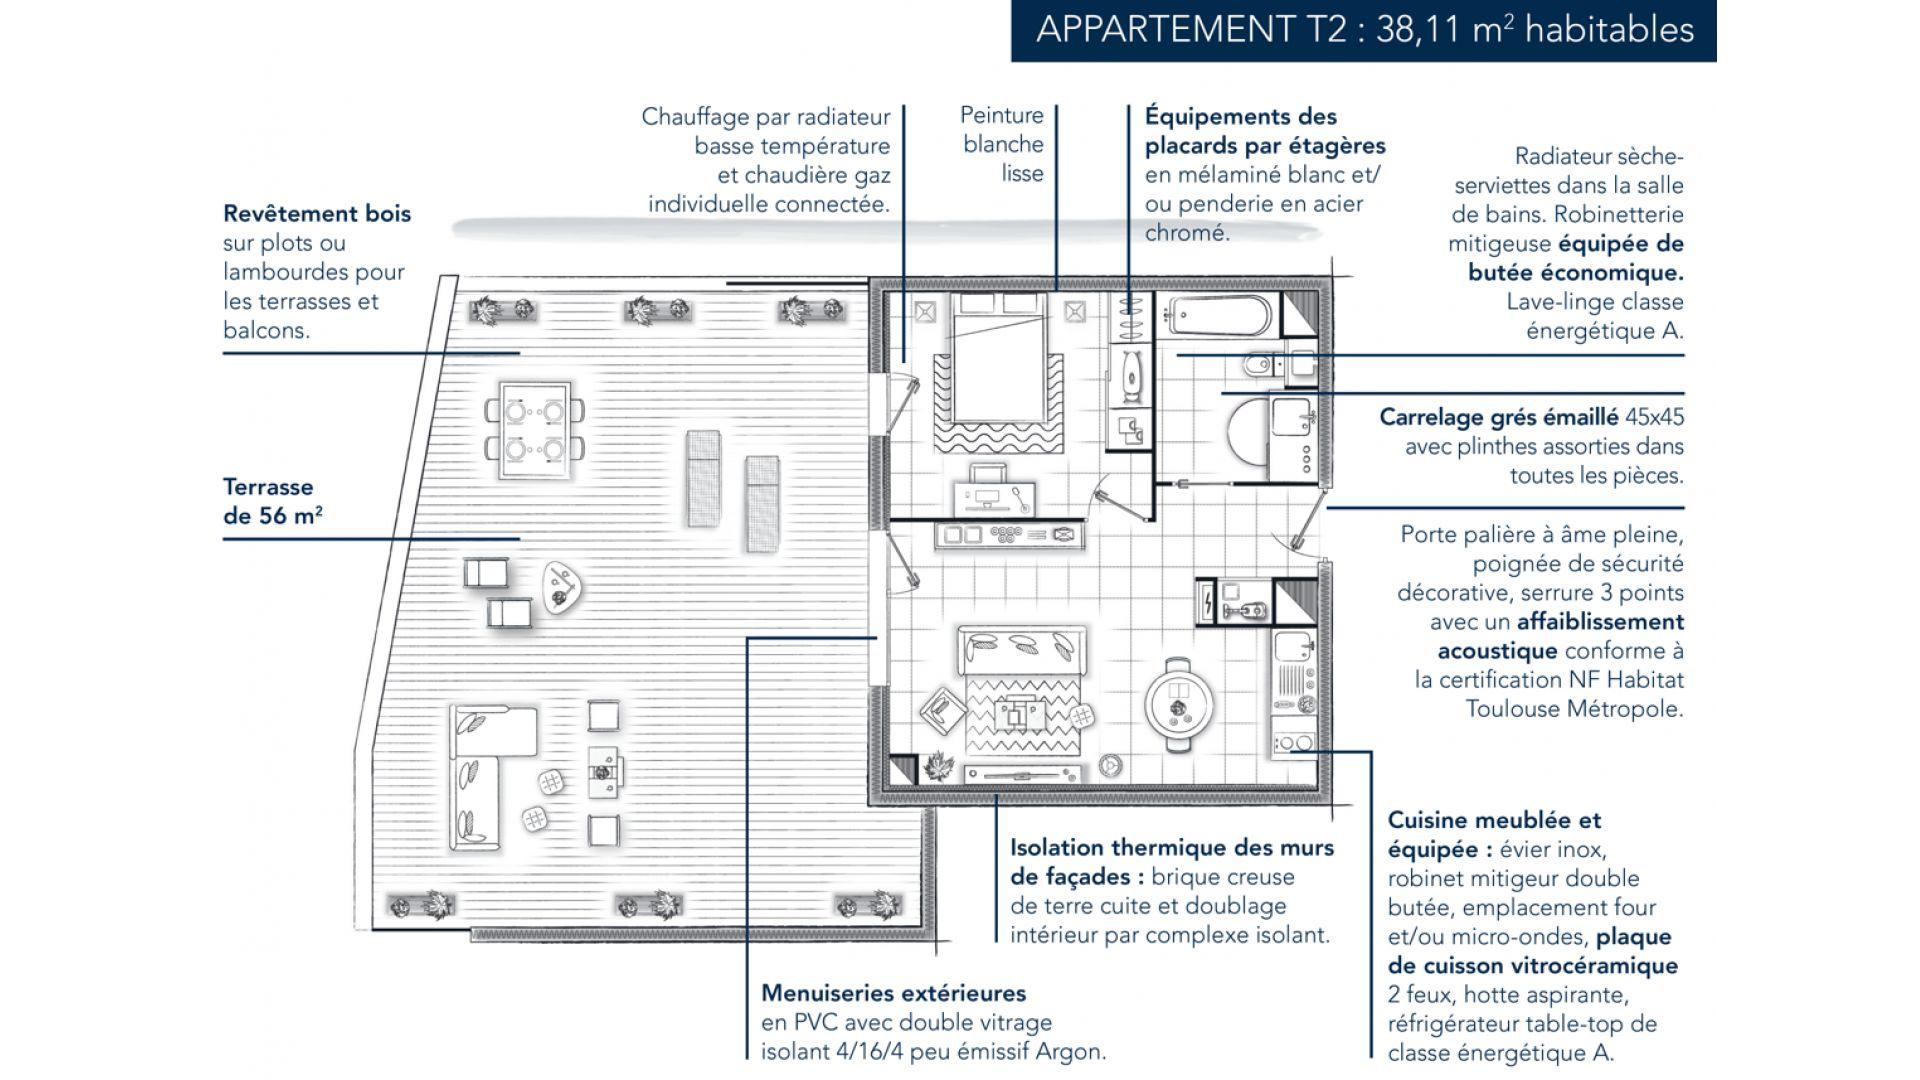 Greencity Immobilier - Le Madison - 31860 Labarthe sur Lèze - achat appartements neufs du T2 au T3 - plan T2